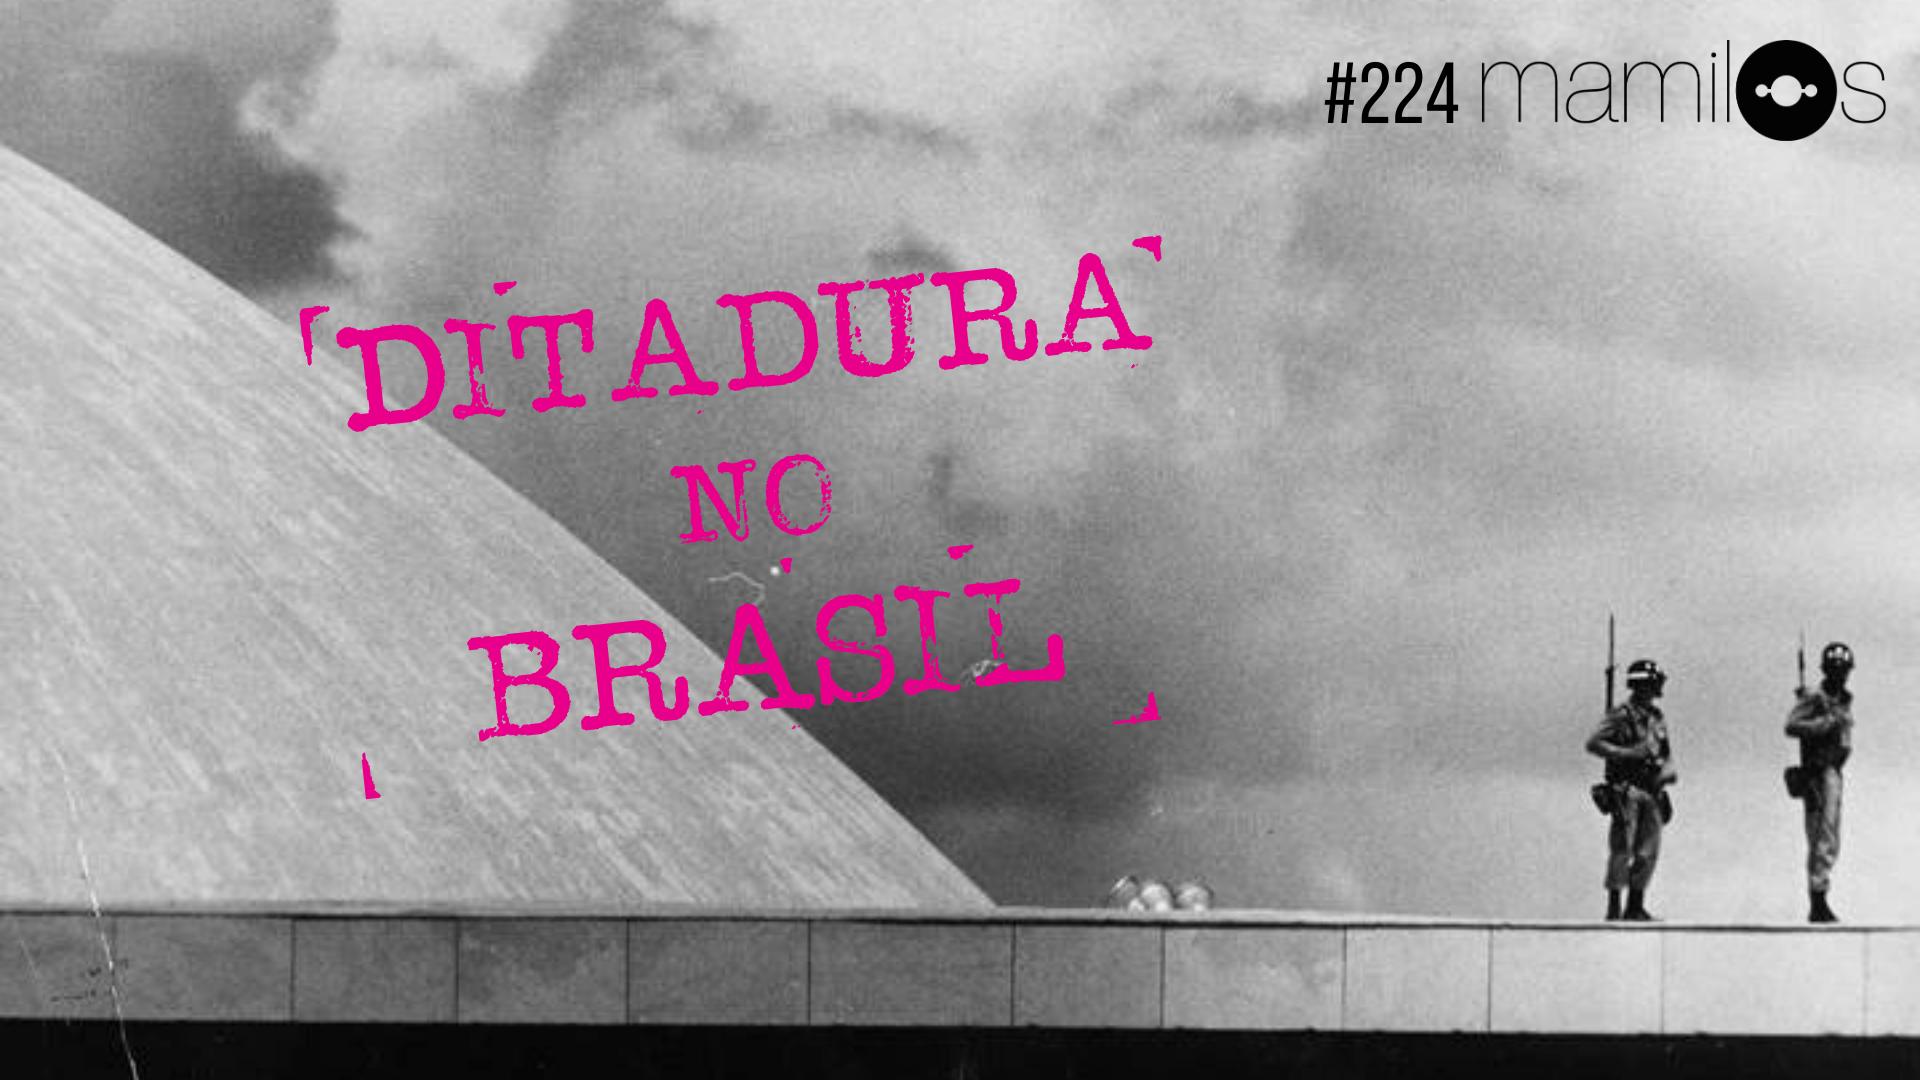 Mamilos #224 – Ditadura no Brasil